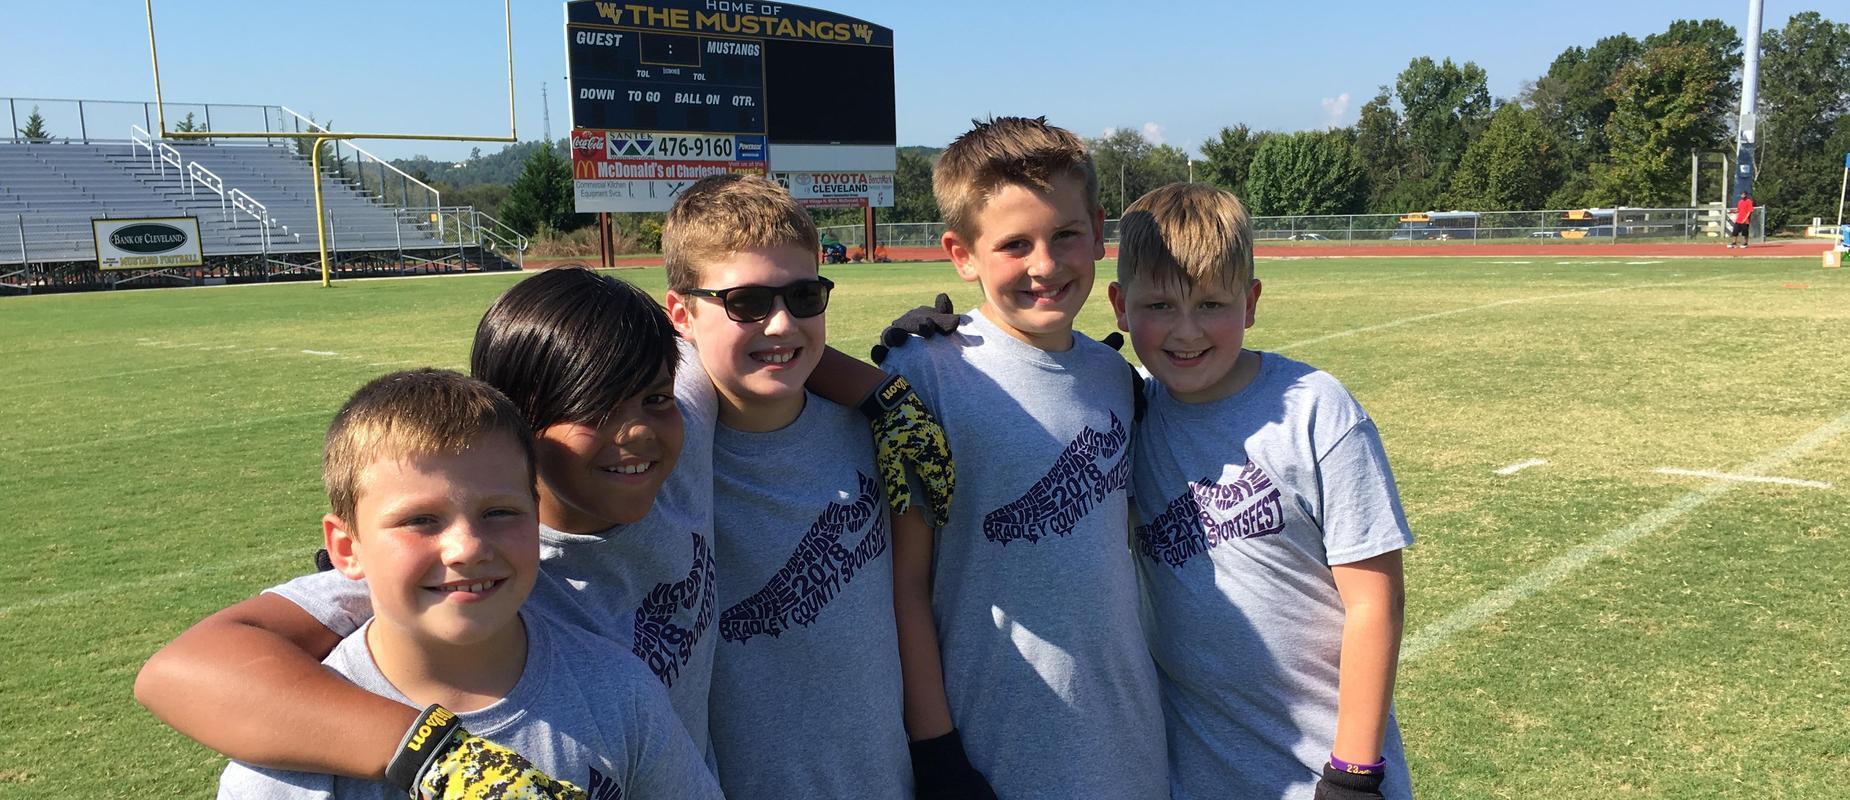 Boys at Sportsfest